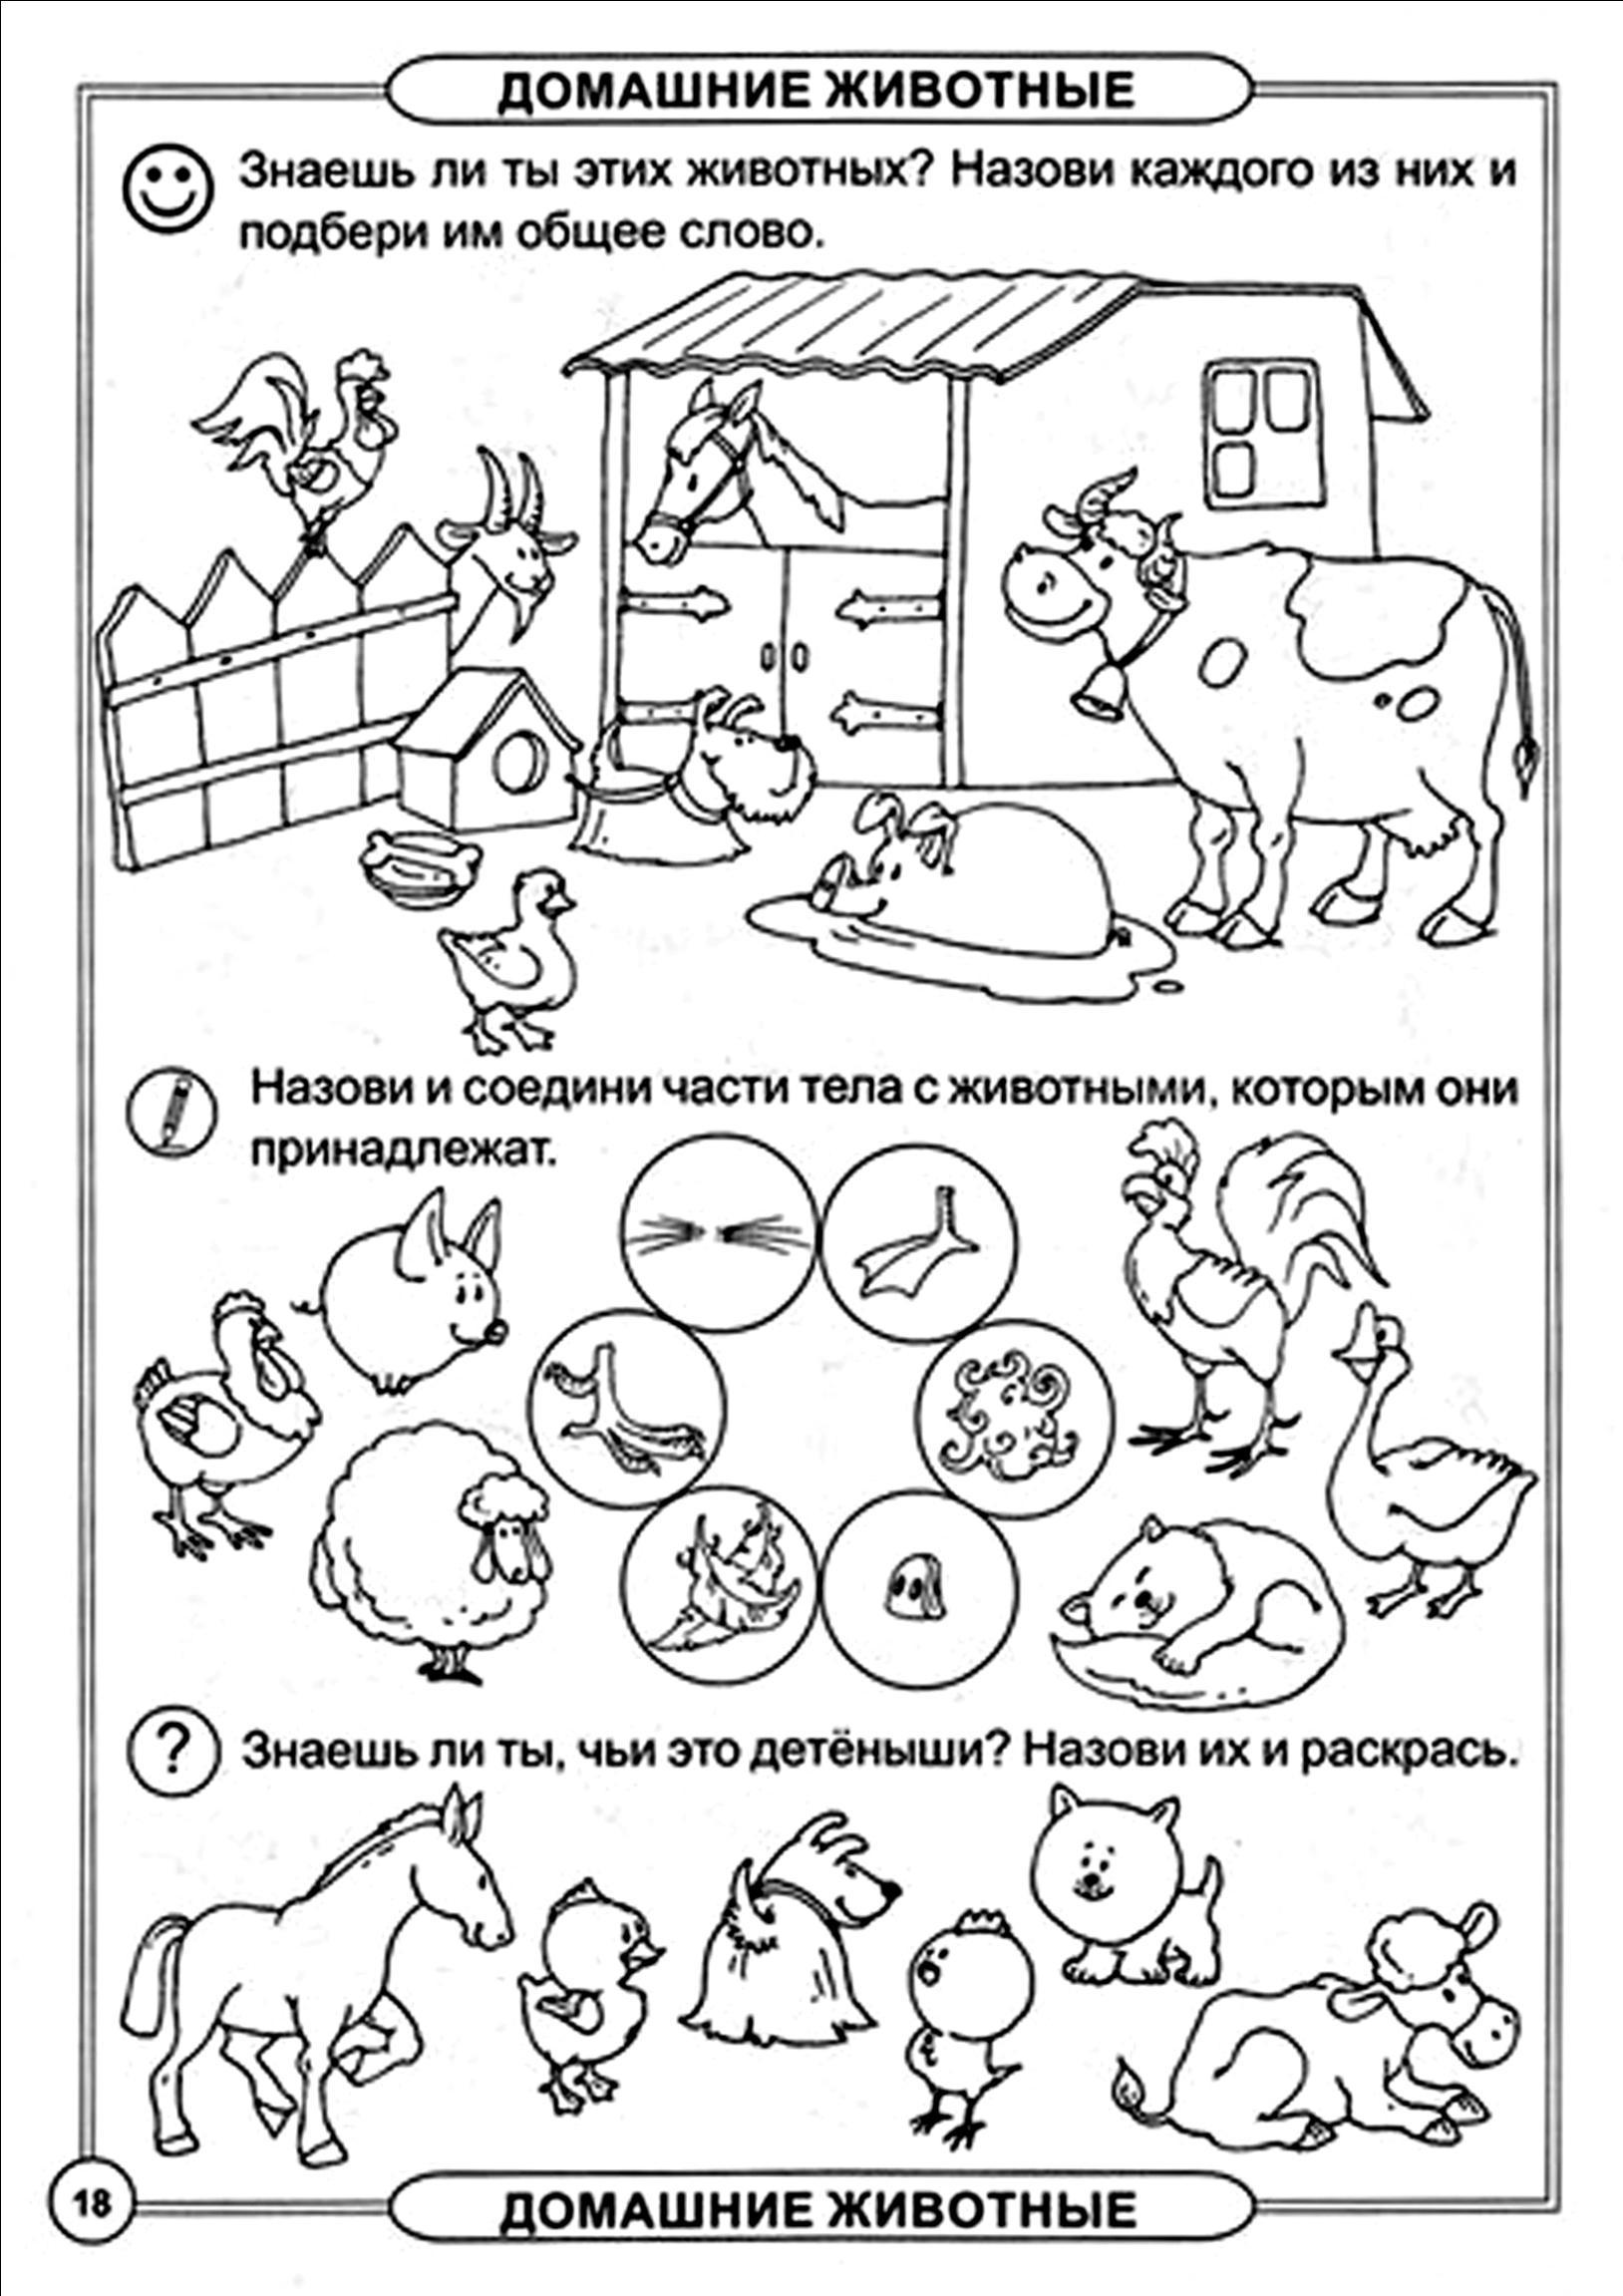 Домашнее задание по теме домашние животные